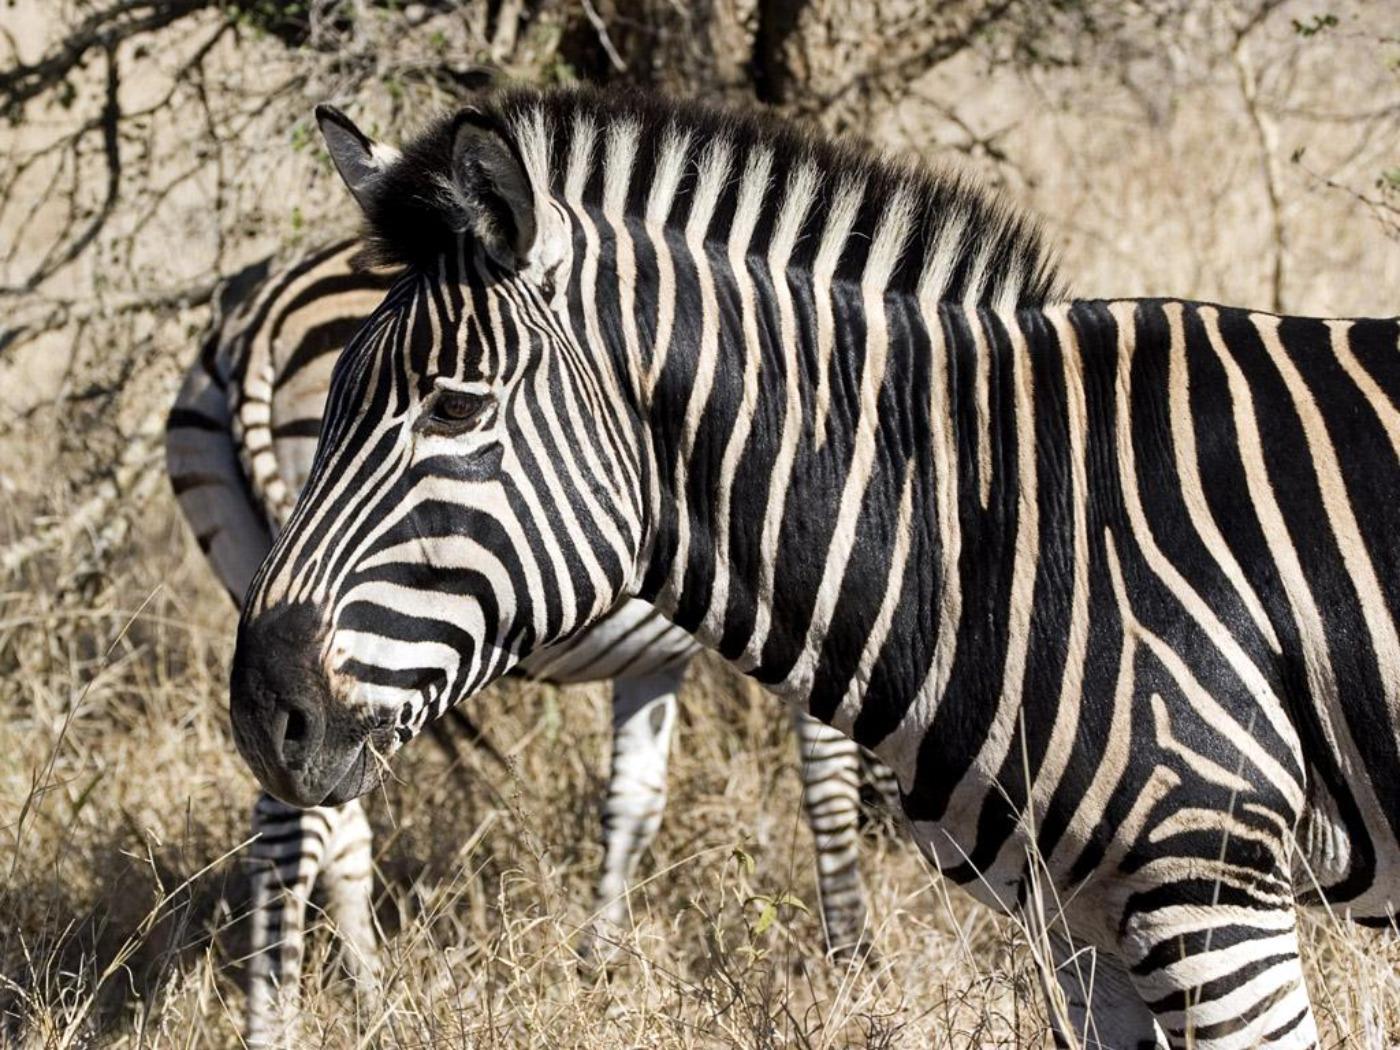 легенда прикольные фотообои зебры для мобилки хорошо заявиться летом